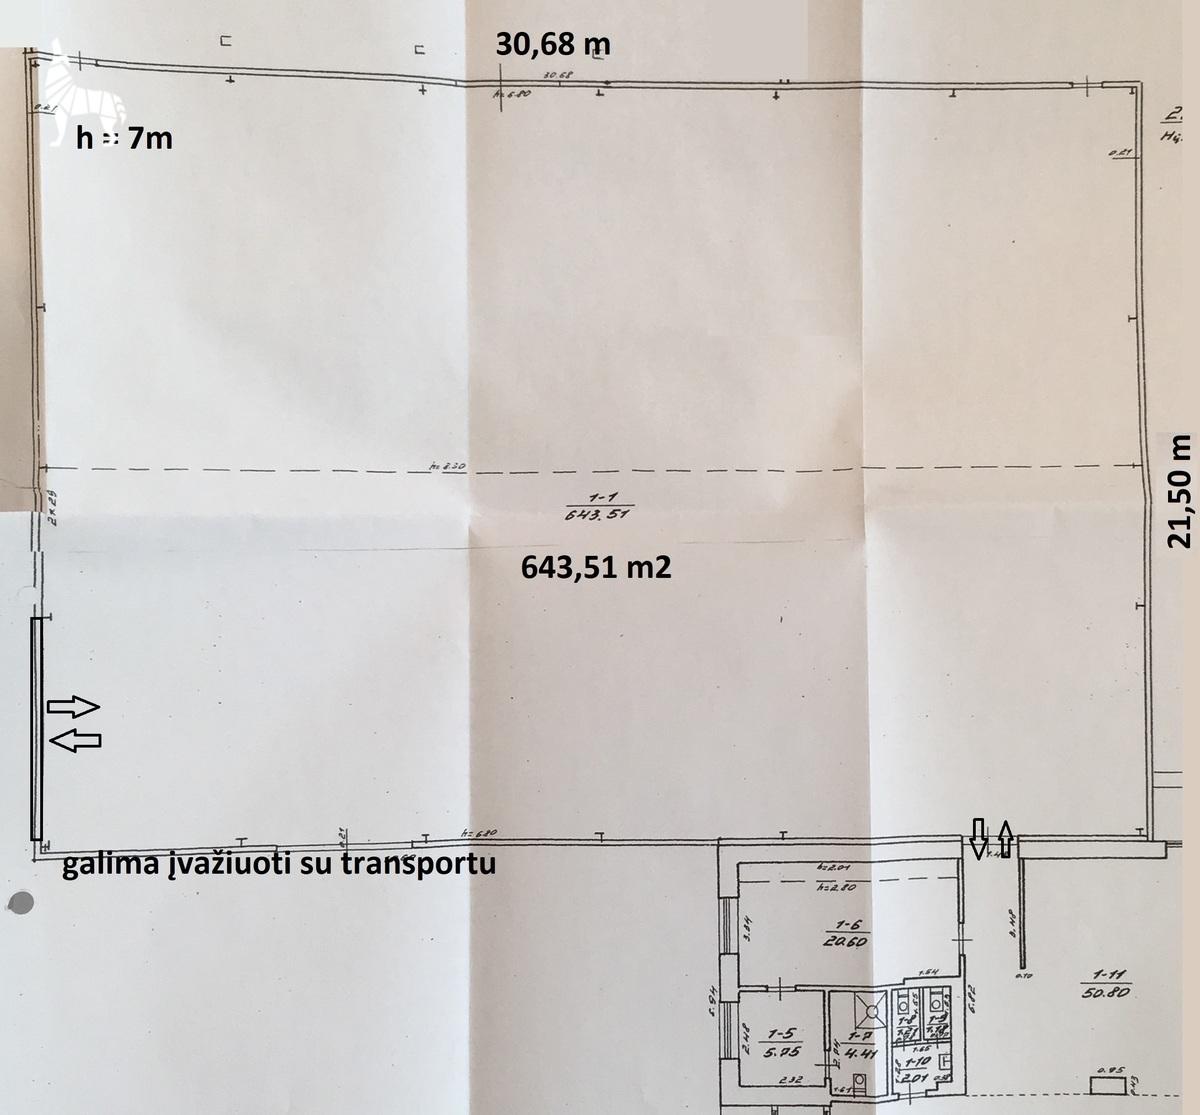 Nuomojamos patalpos Tarandės g. 34, Vilnius Tarandės g. 34, Vilnius, Pašilaičiuose, Vilniuje, 645 kv.m ploto - <strong></noscript><img class=